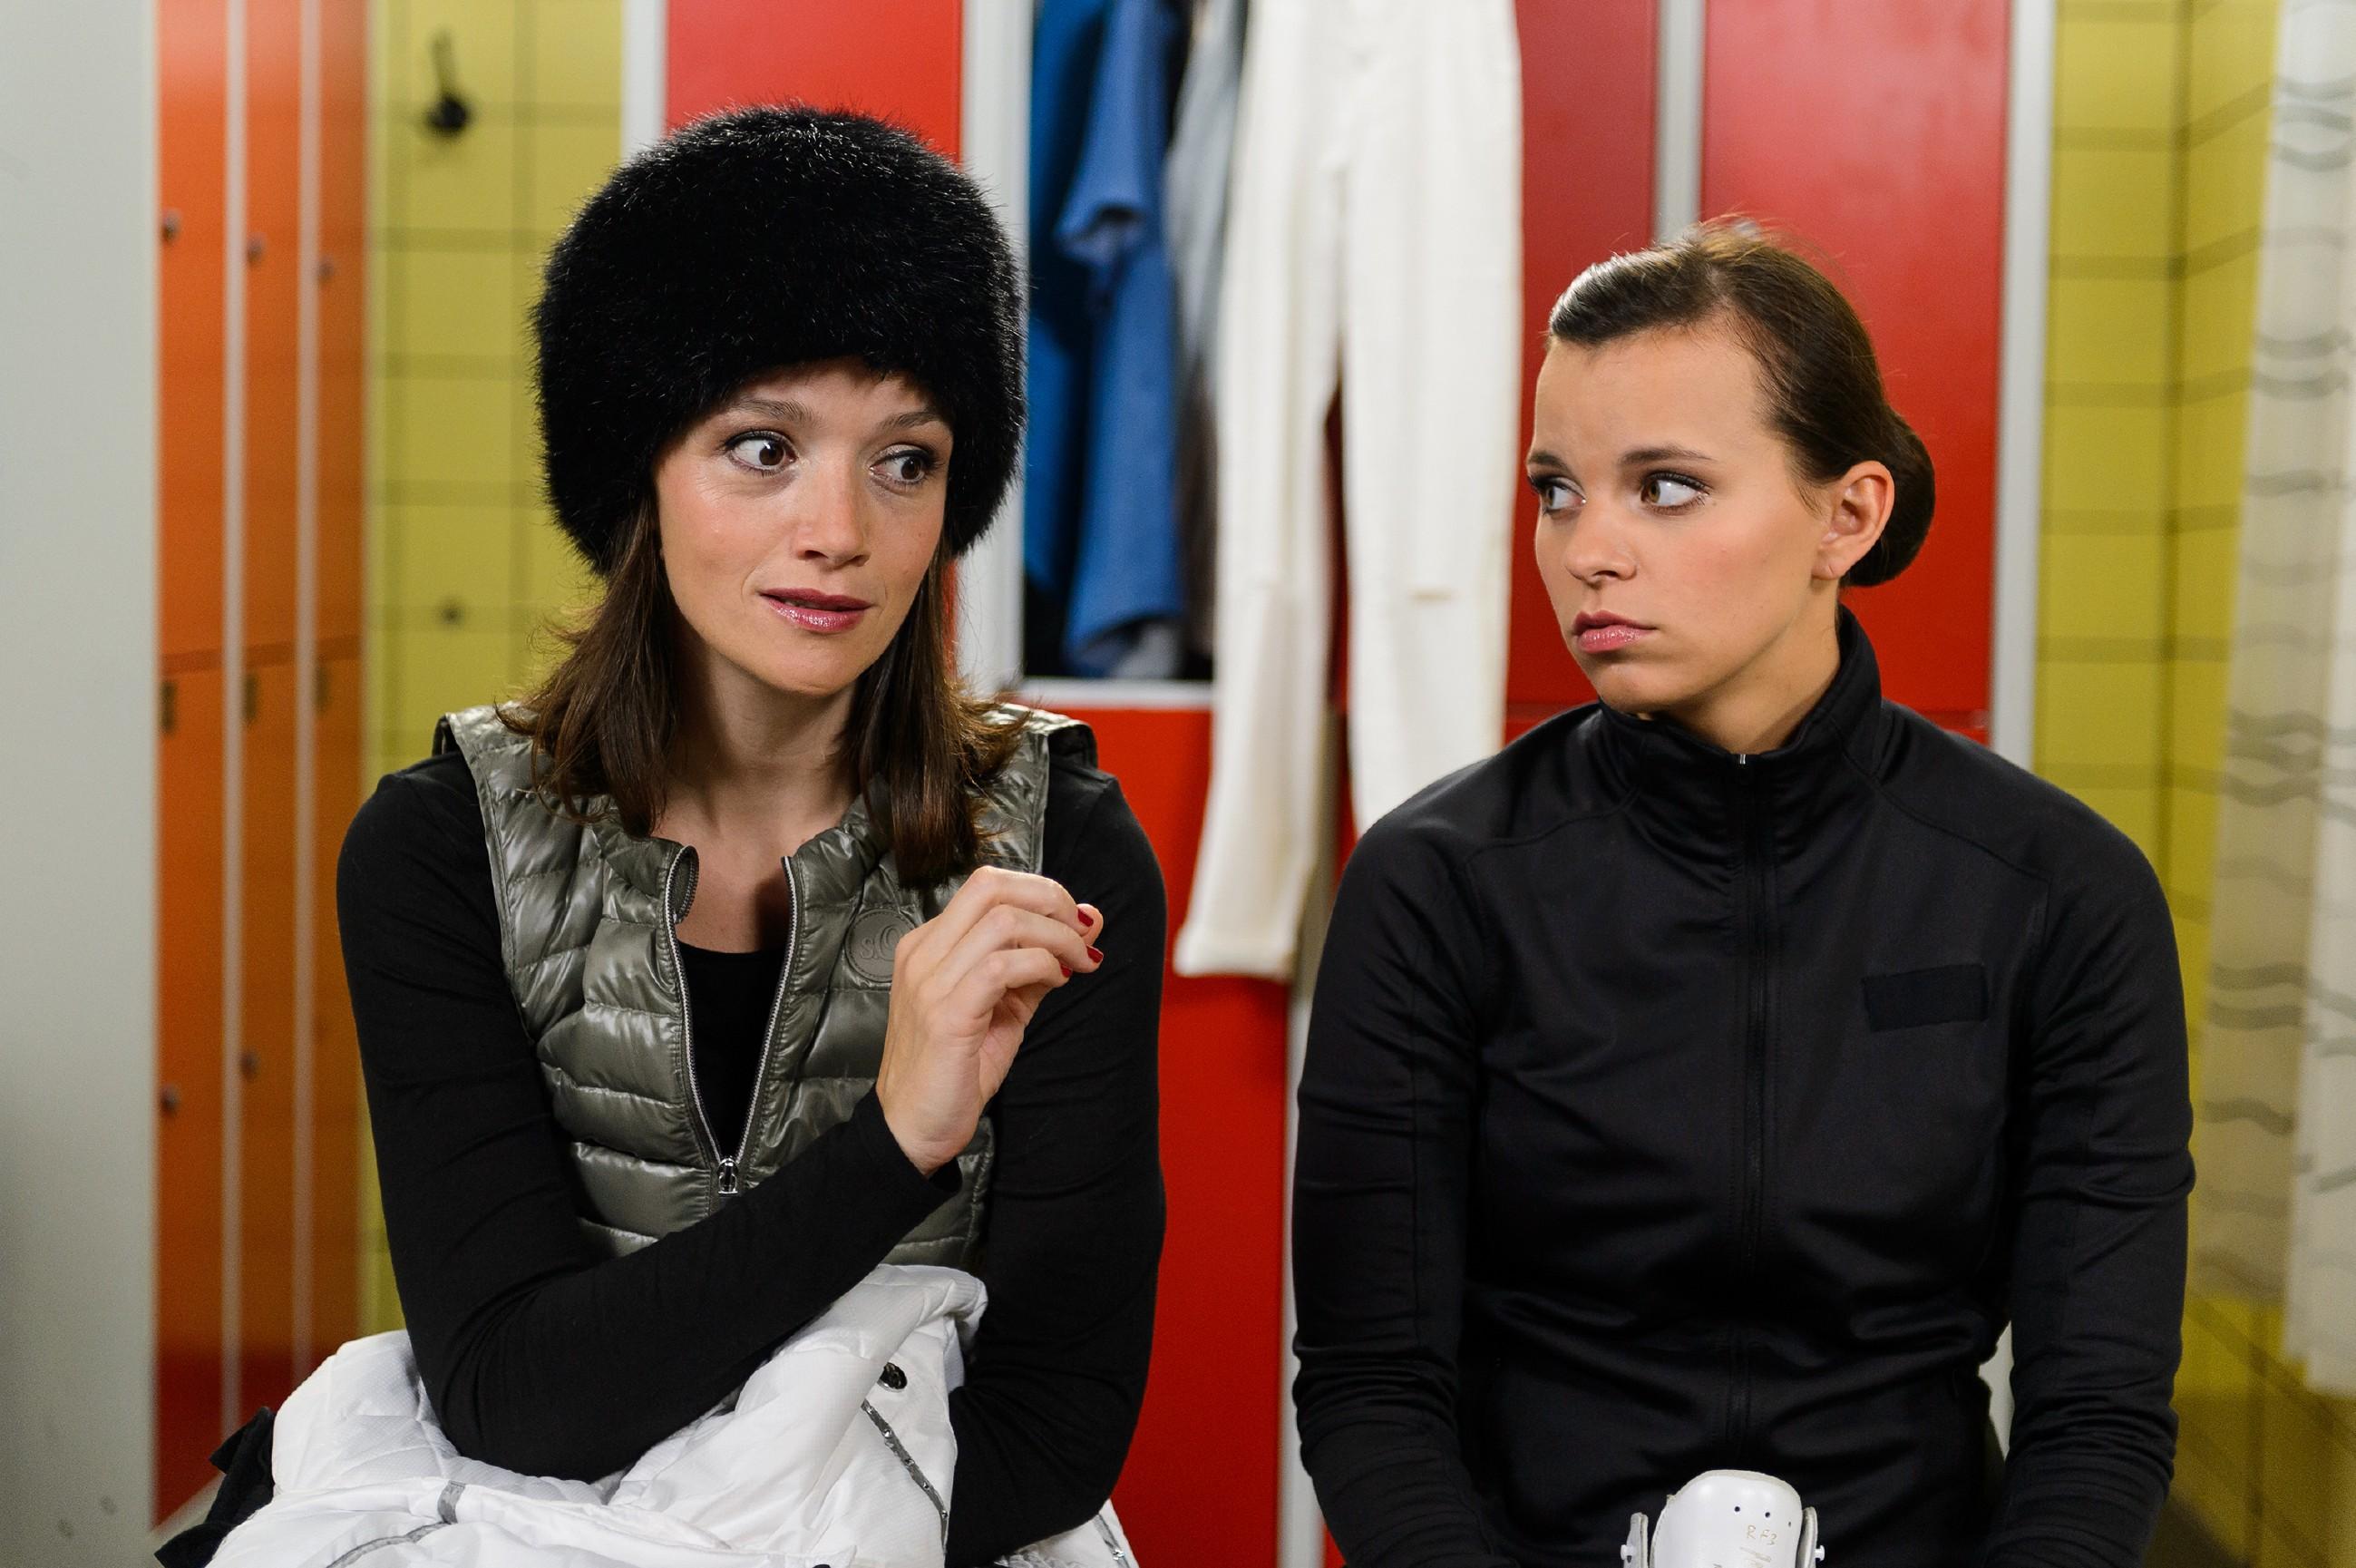 Obwohl Jenny (Kaja Schmidt-Tychsen, l.) Deniz´ Unschuld beweisen könnte, will sie ihn opfern und vertraut sich Michelle (Franziska Benz) an.